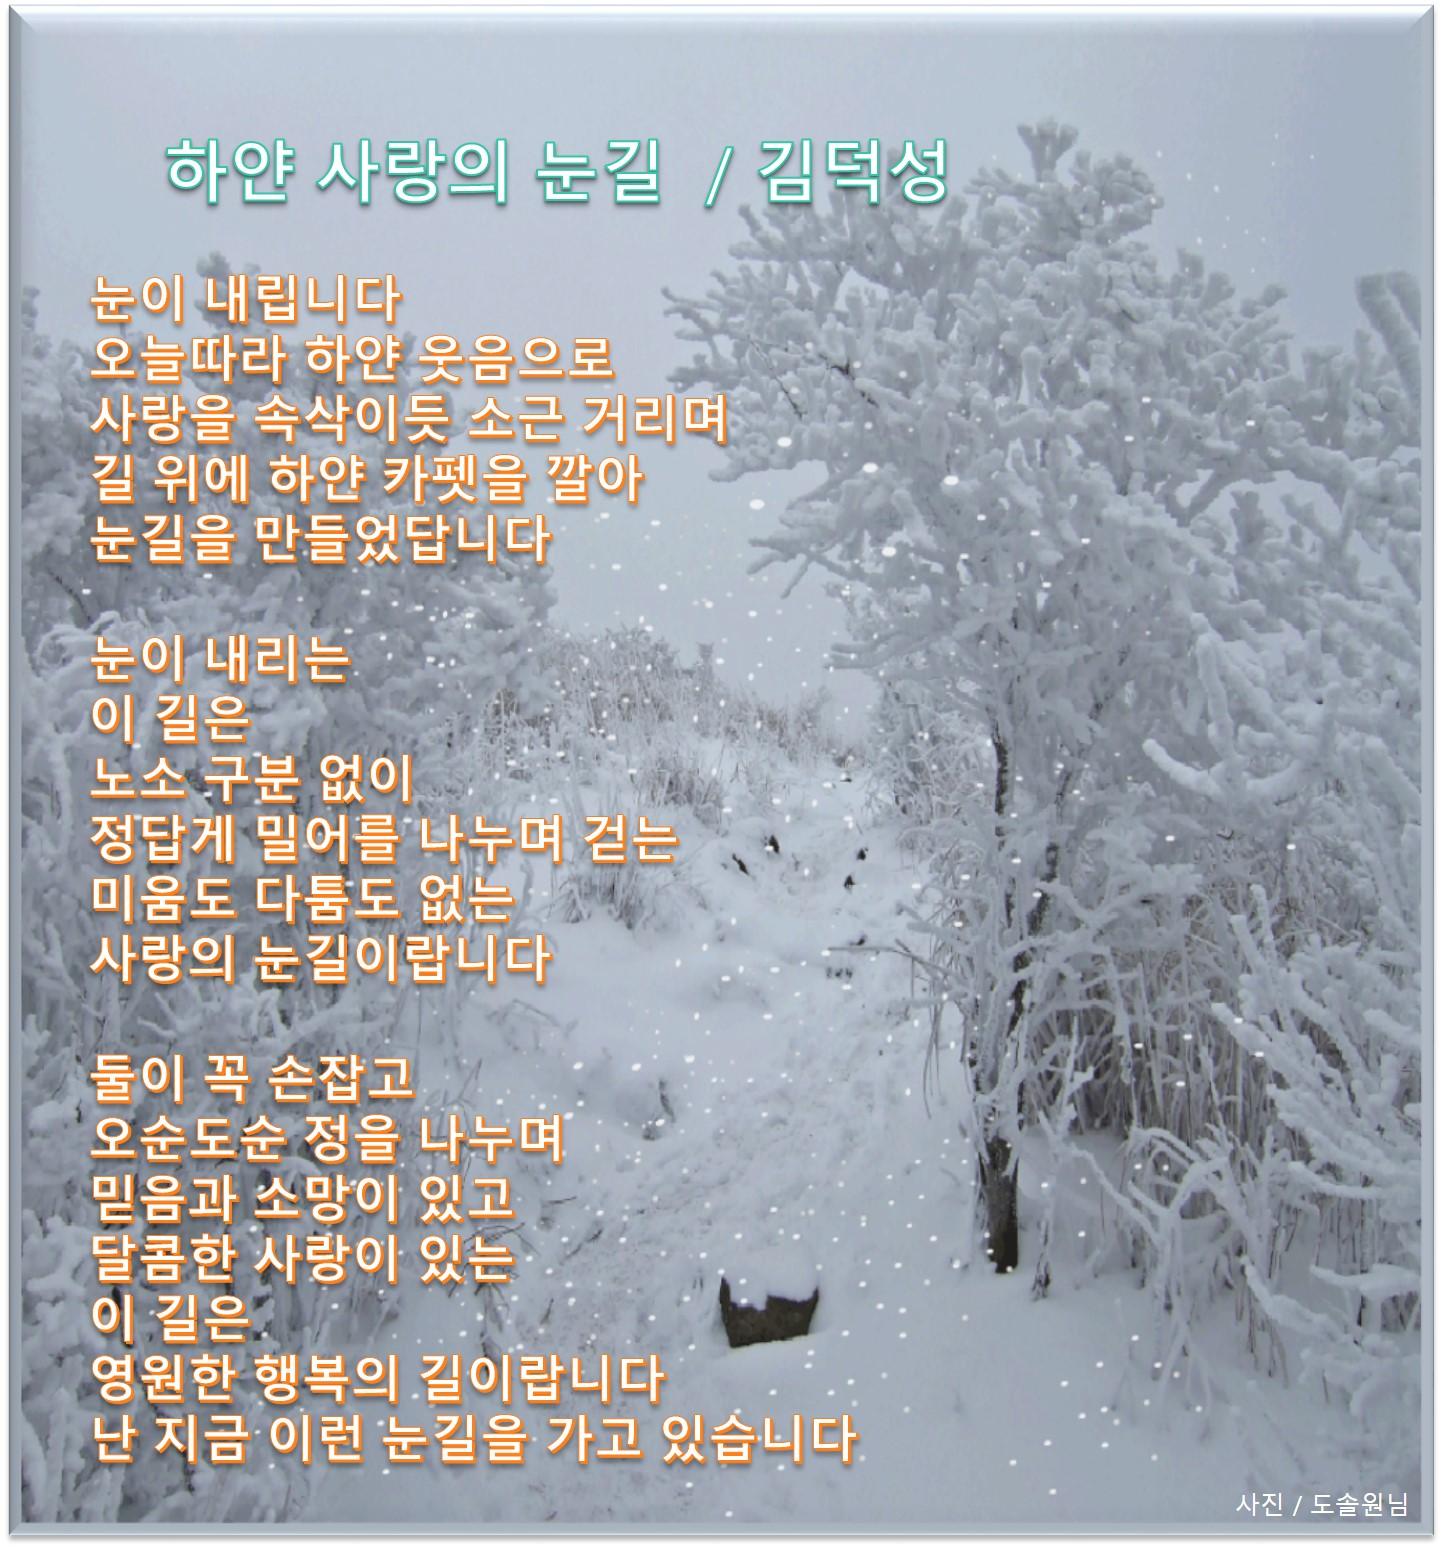 이 글은 파워포인트에서 만든 이미지입니다.  하얀 사랑의 눈길  / 김덕성